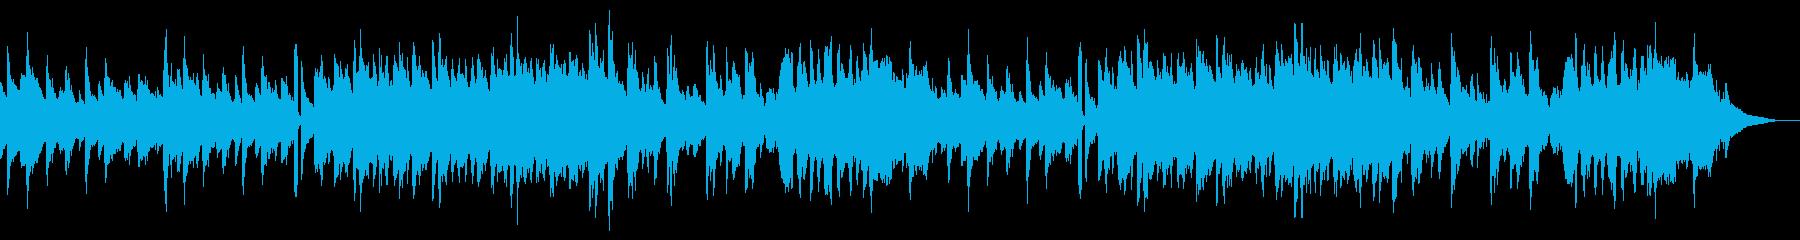 アコーディオンメインのゆったりとした曲の再生済みの波形